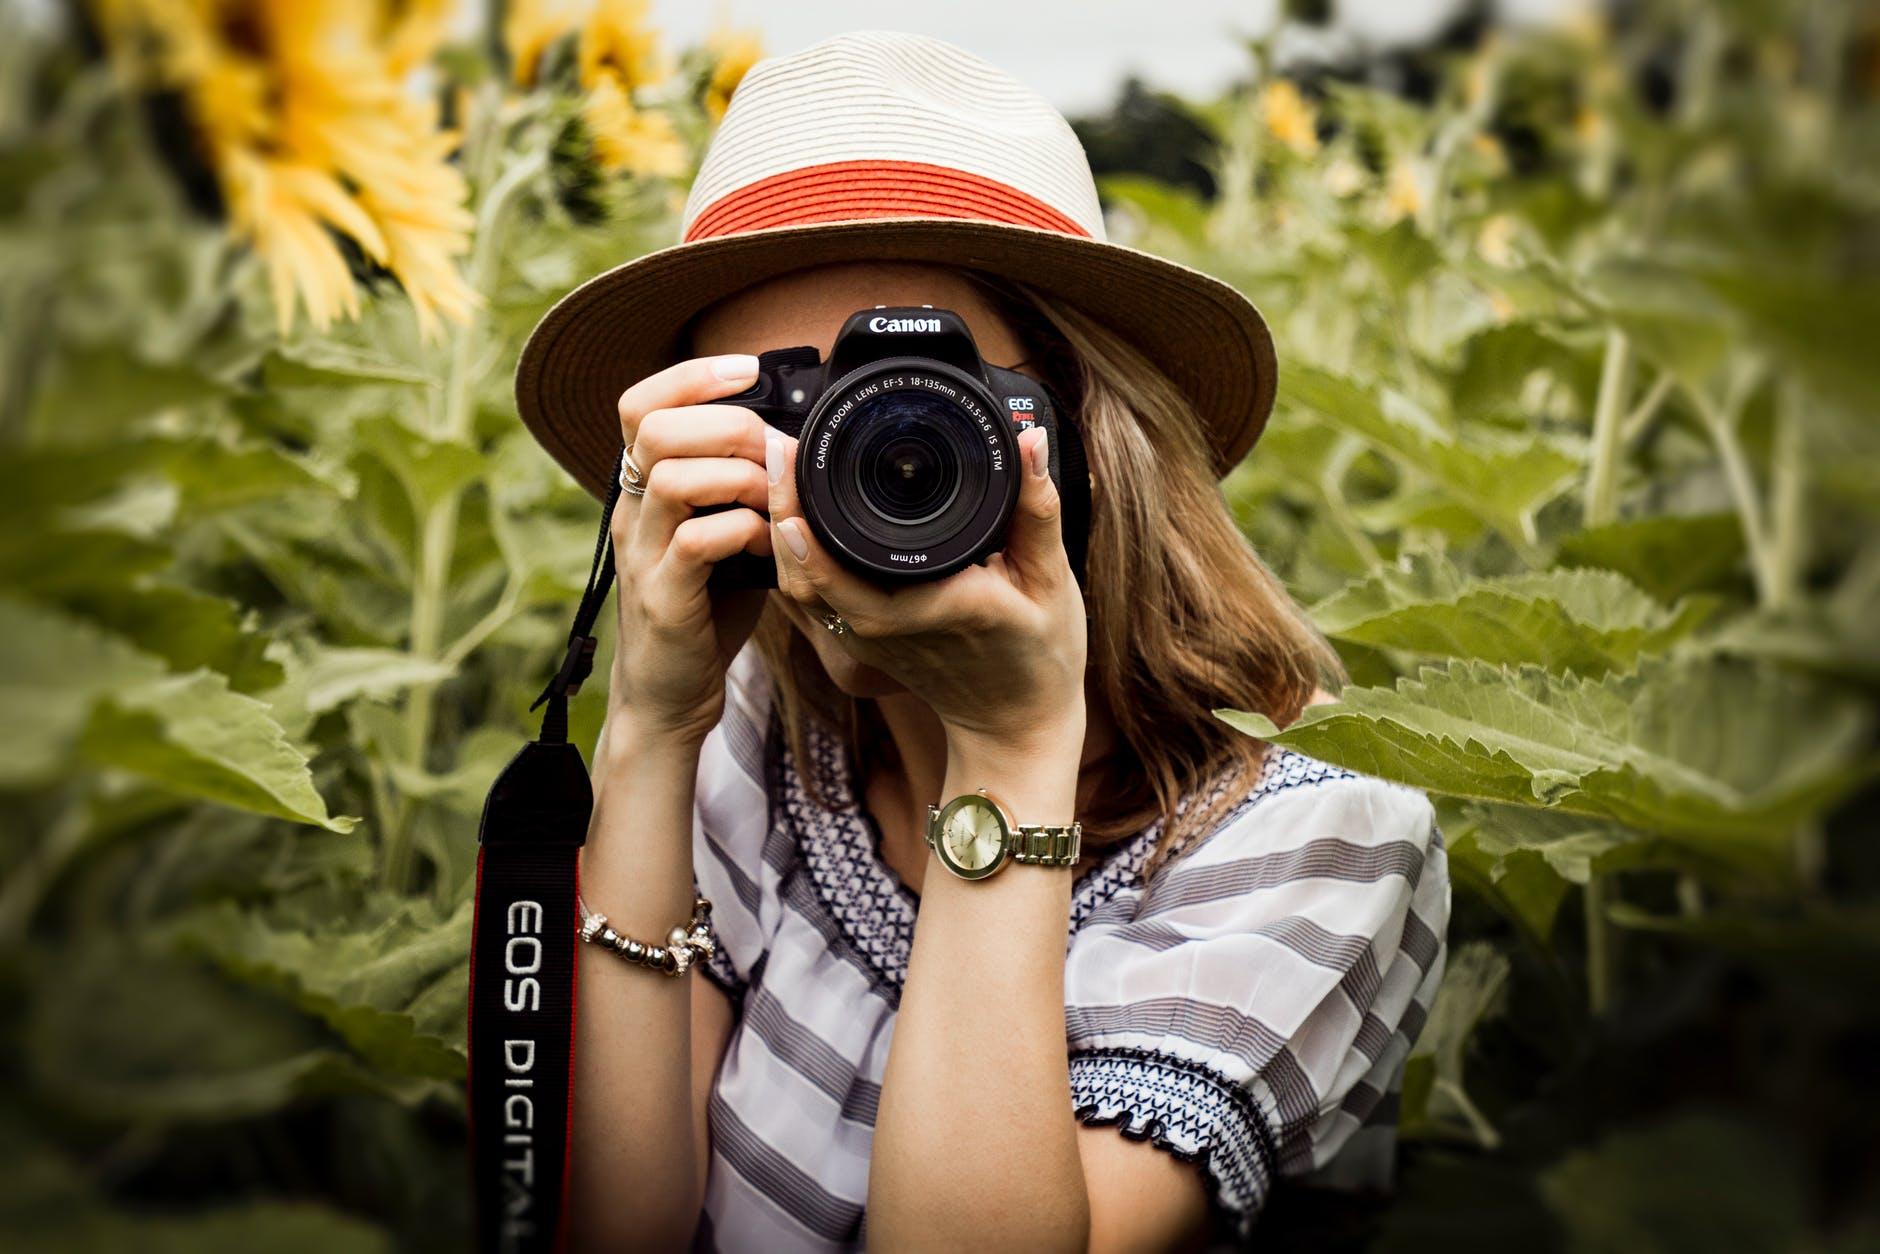 Международный фотоконкурс в Барселоне с призовым фондом до 25 000 евро